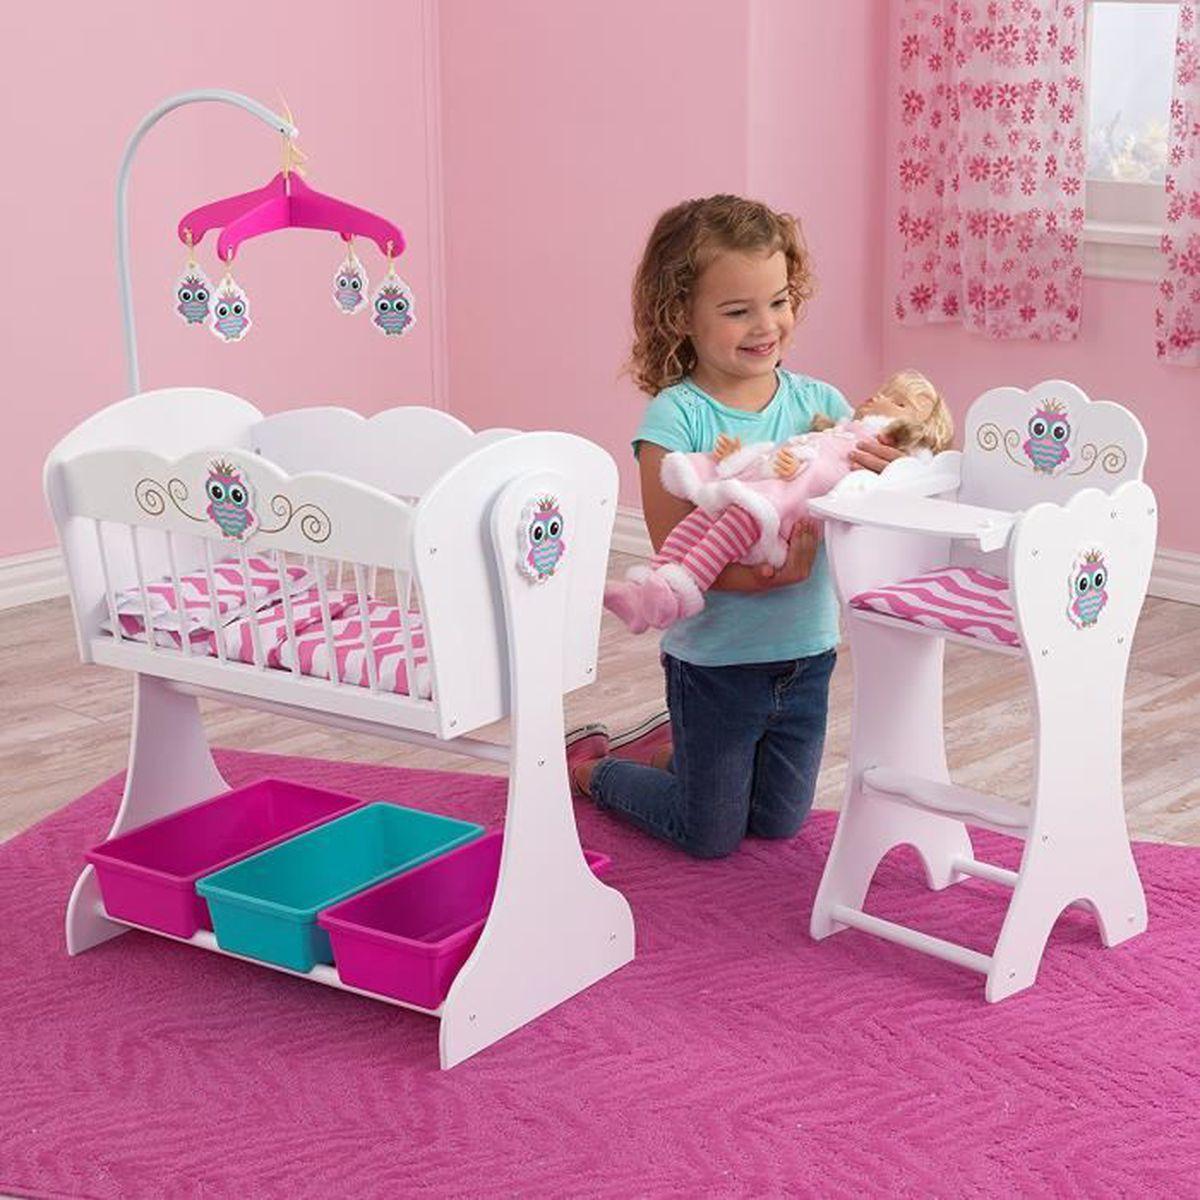 ensemble chaise haute et berceau en bois pour poup e poupon achat vente nurserie cdiscount. Black Bedroom Furniture Sets. Home Design Ideas